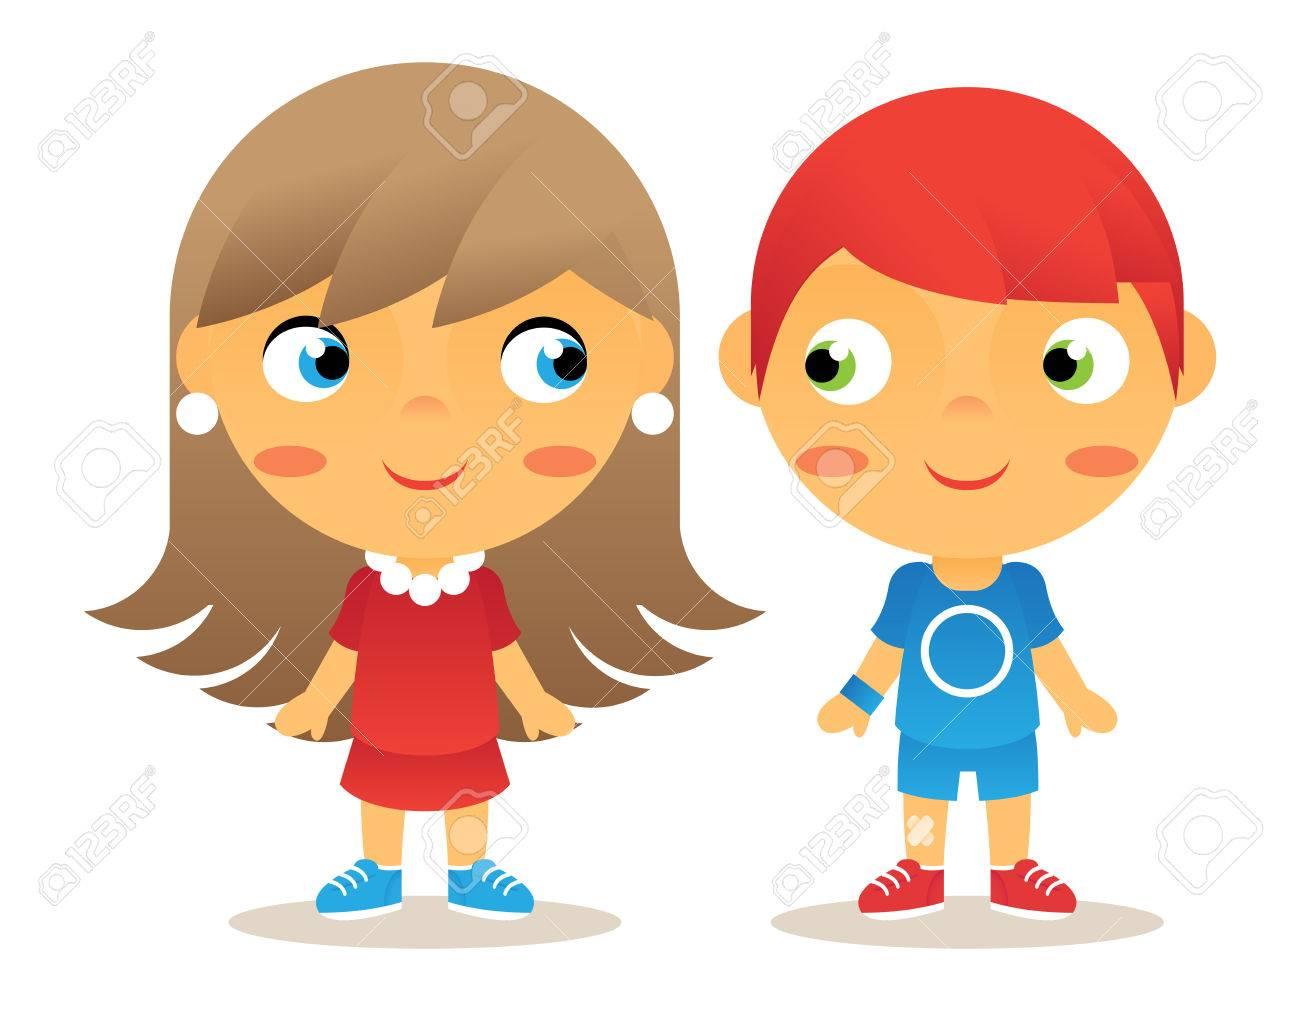 Fille Garçon Personnage De Dessin Animé Pour Enfants Icônes Isolated Vector Illustrator